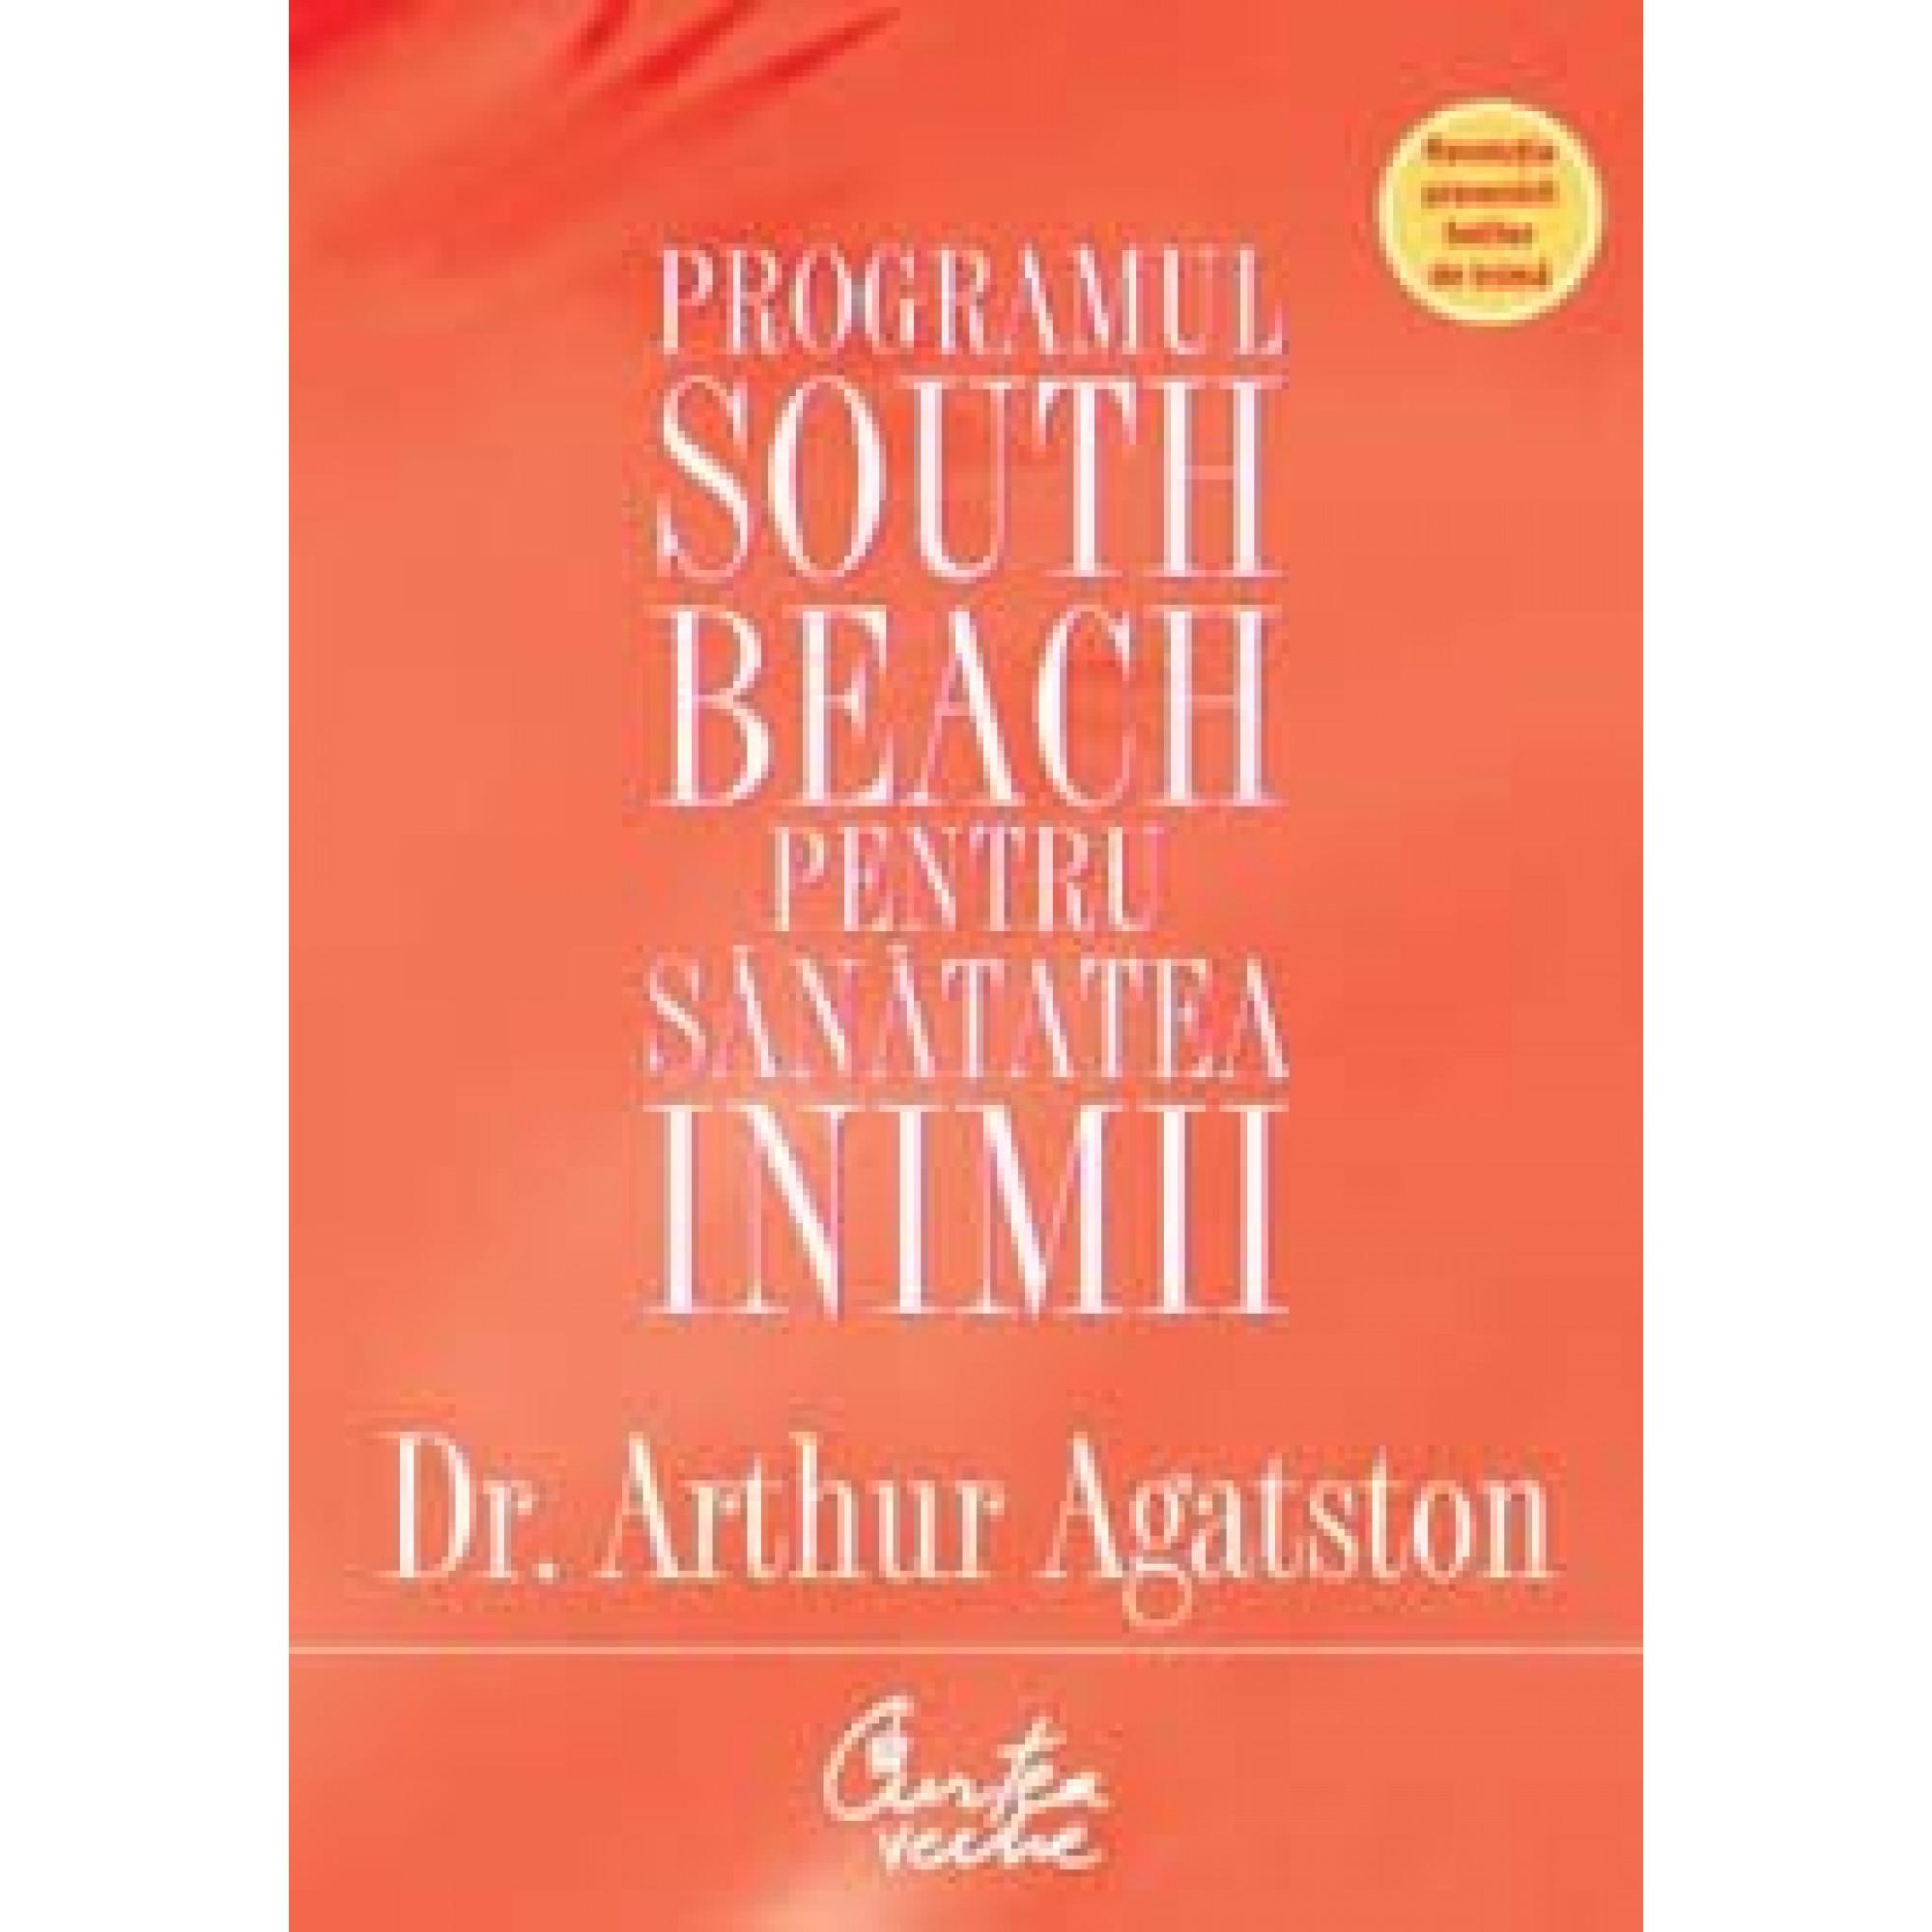 Programul South Beach pentru sănătatea inimii. Planul în patru paşi care vă poate salva viaţa; Dr. Arthur Agatston